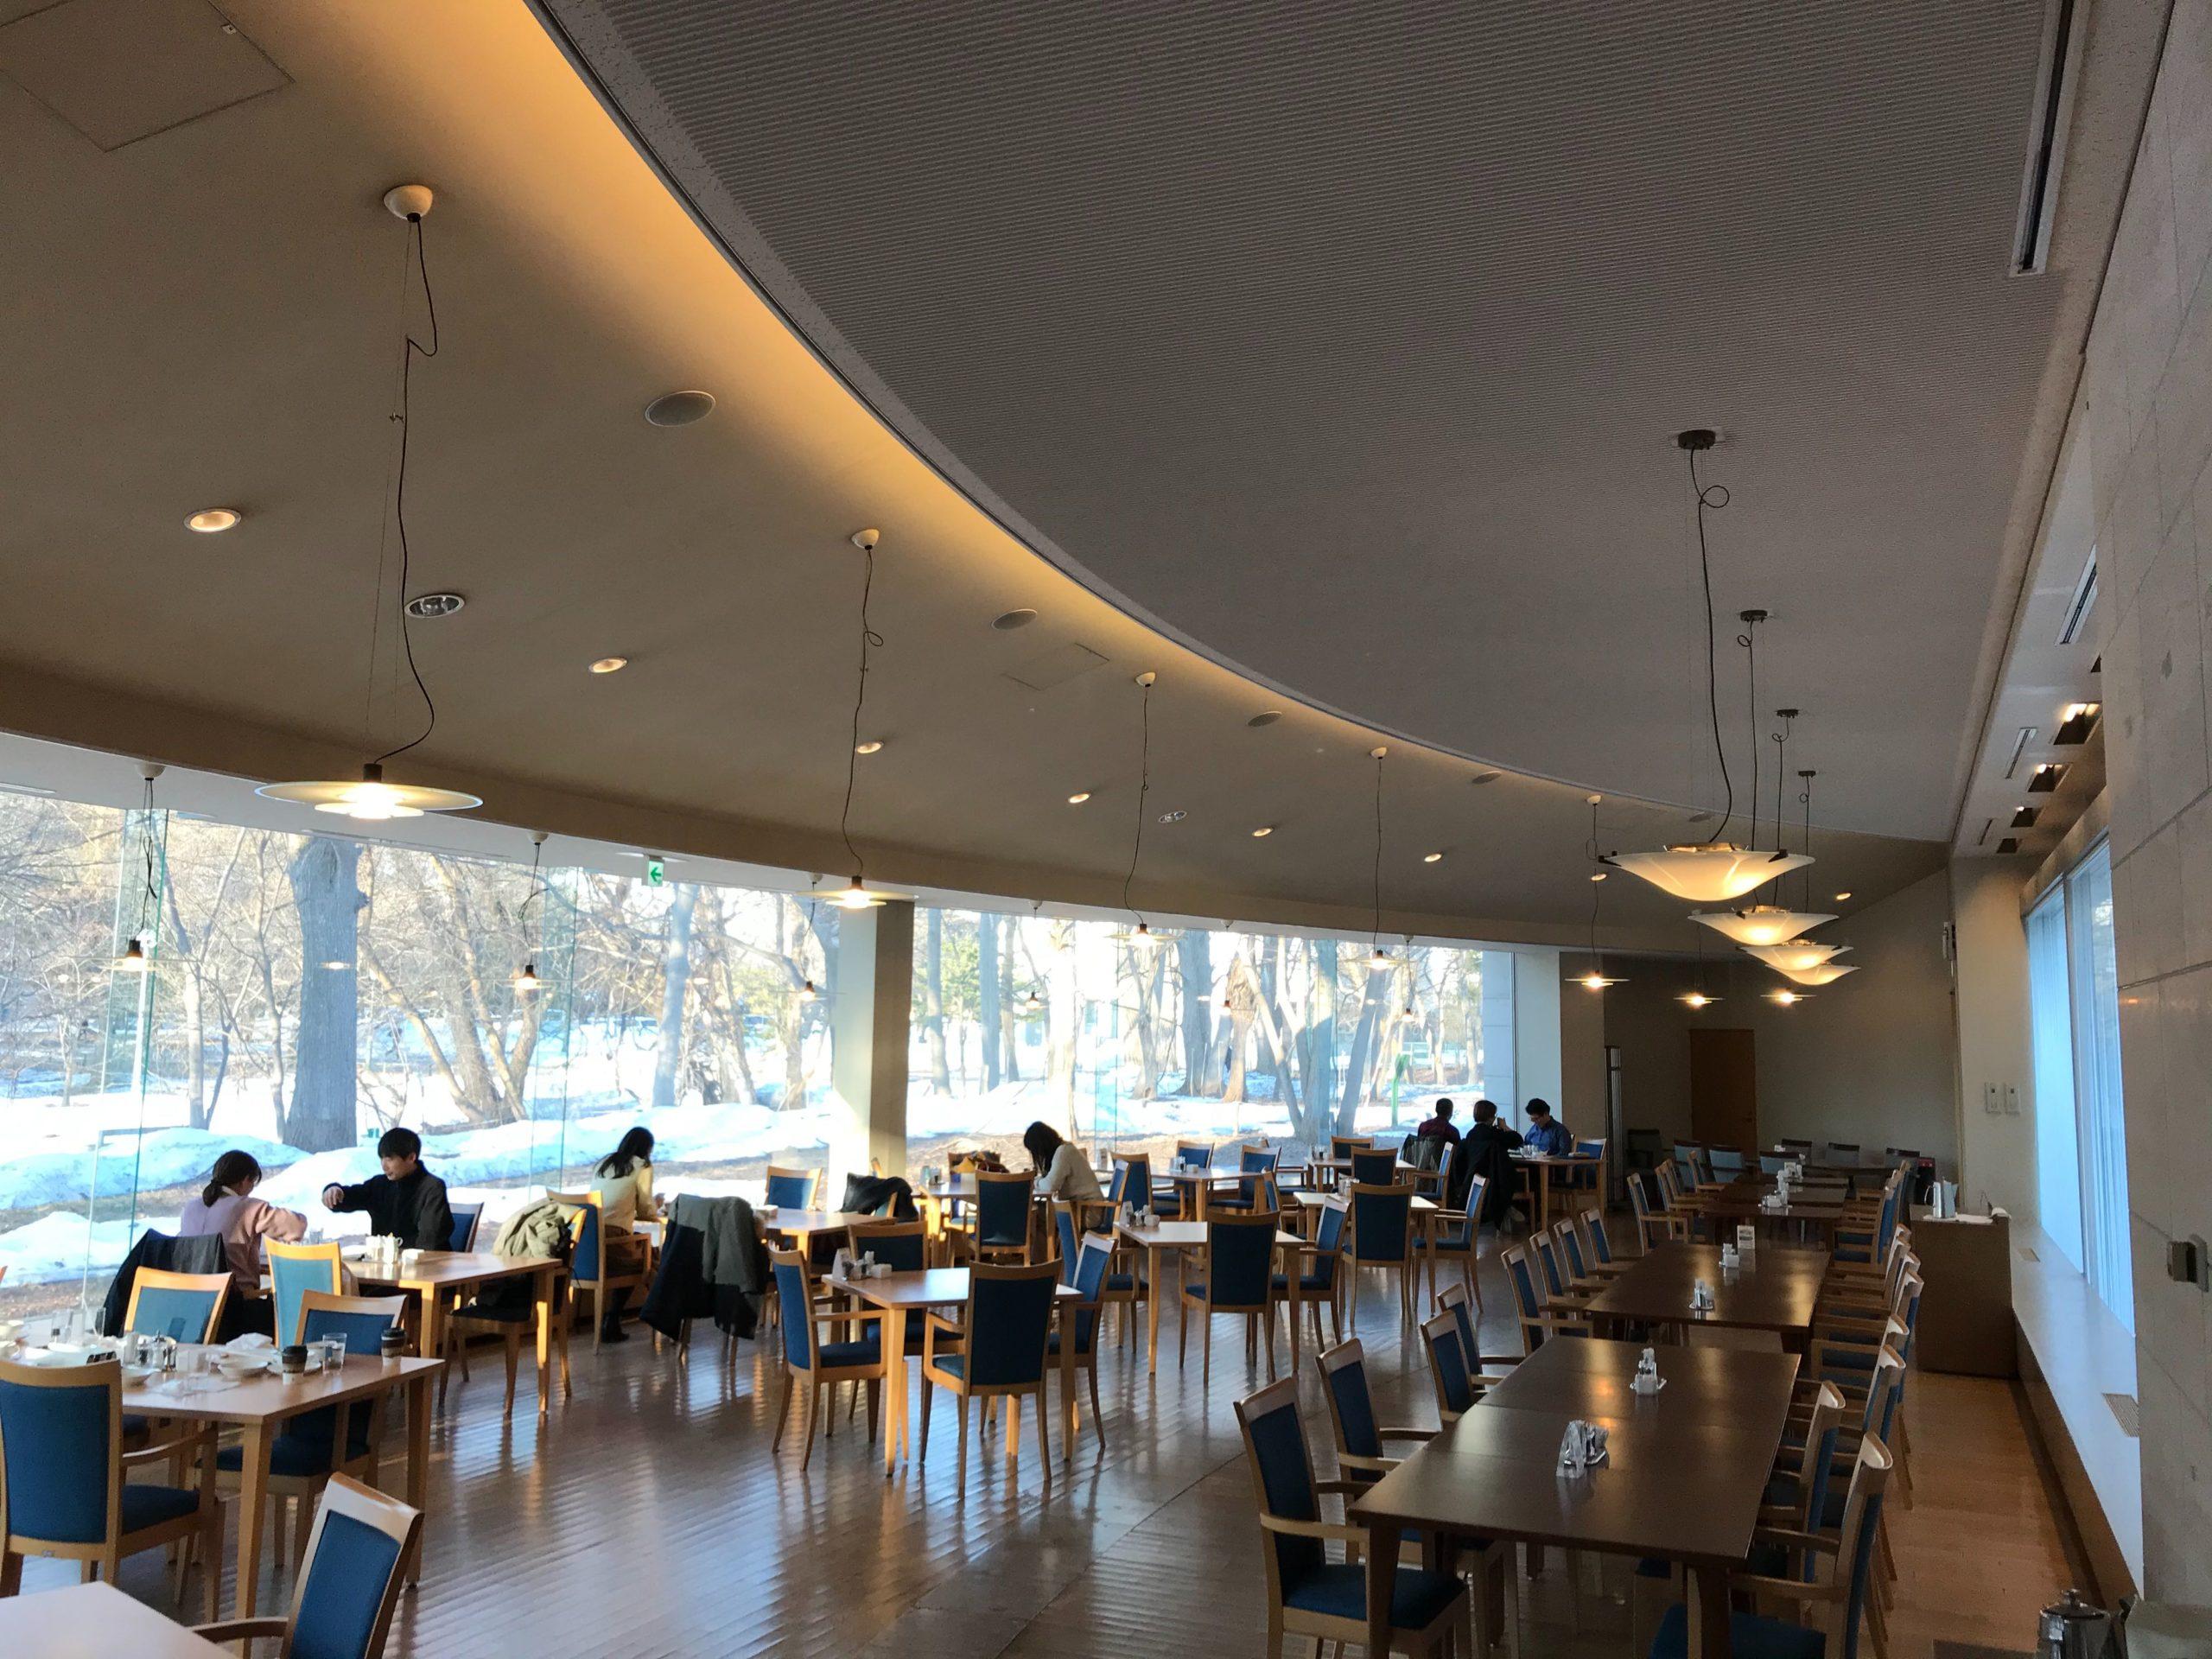 中央食堂隣のレストラン、期間限定で復活 12日から道産野菜のカレーなど提供 ―北大生協